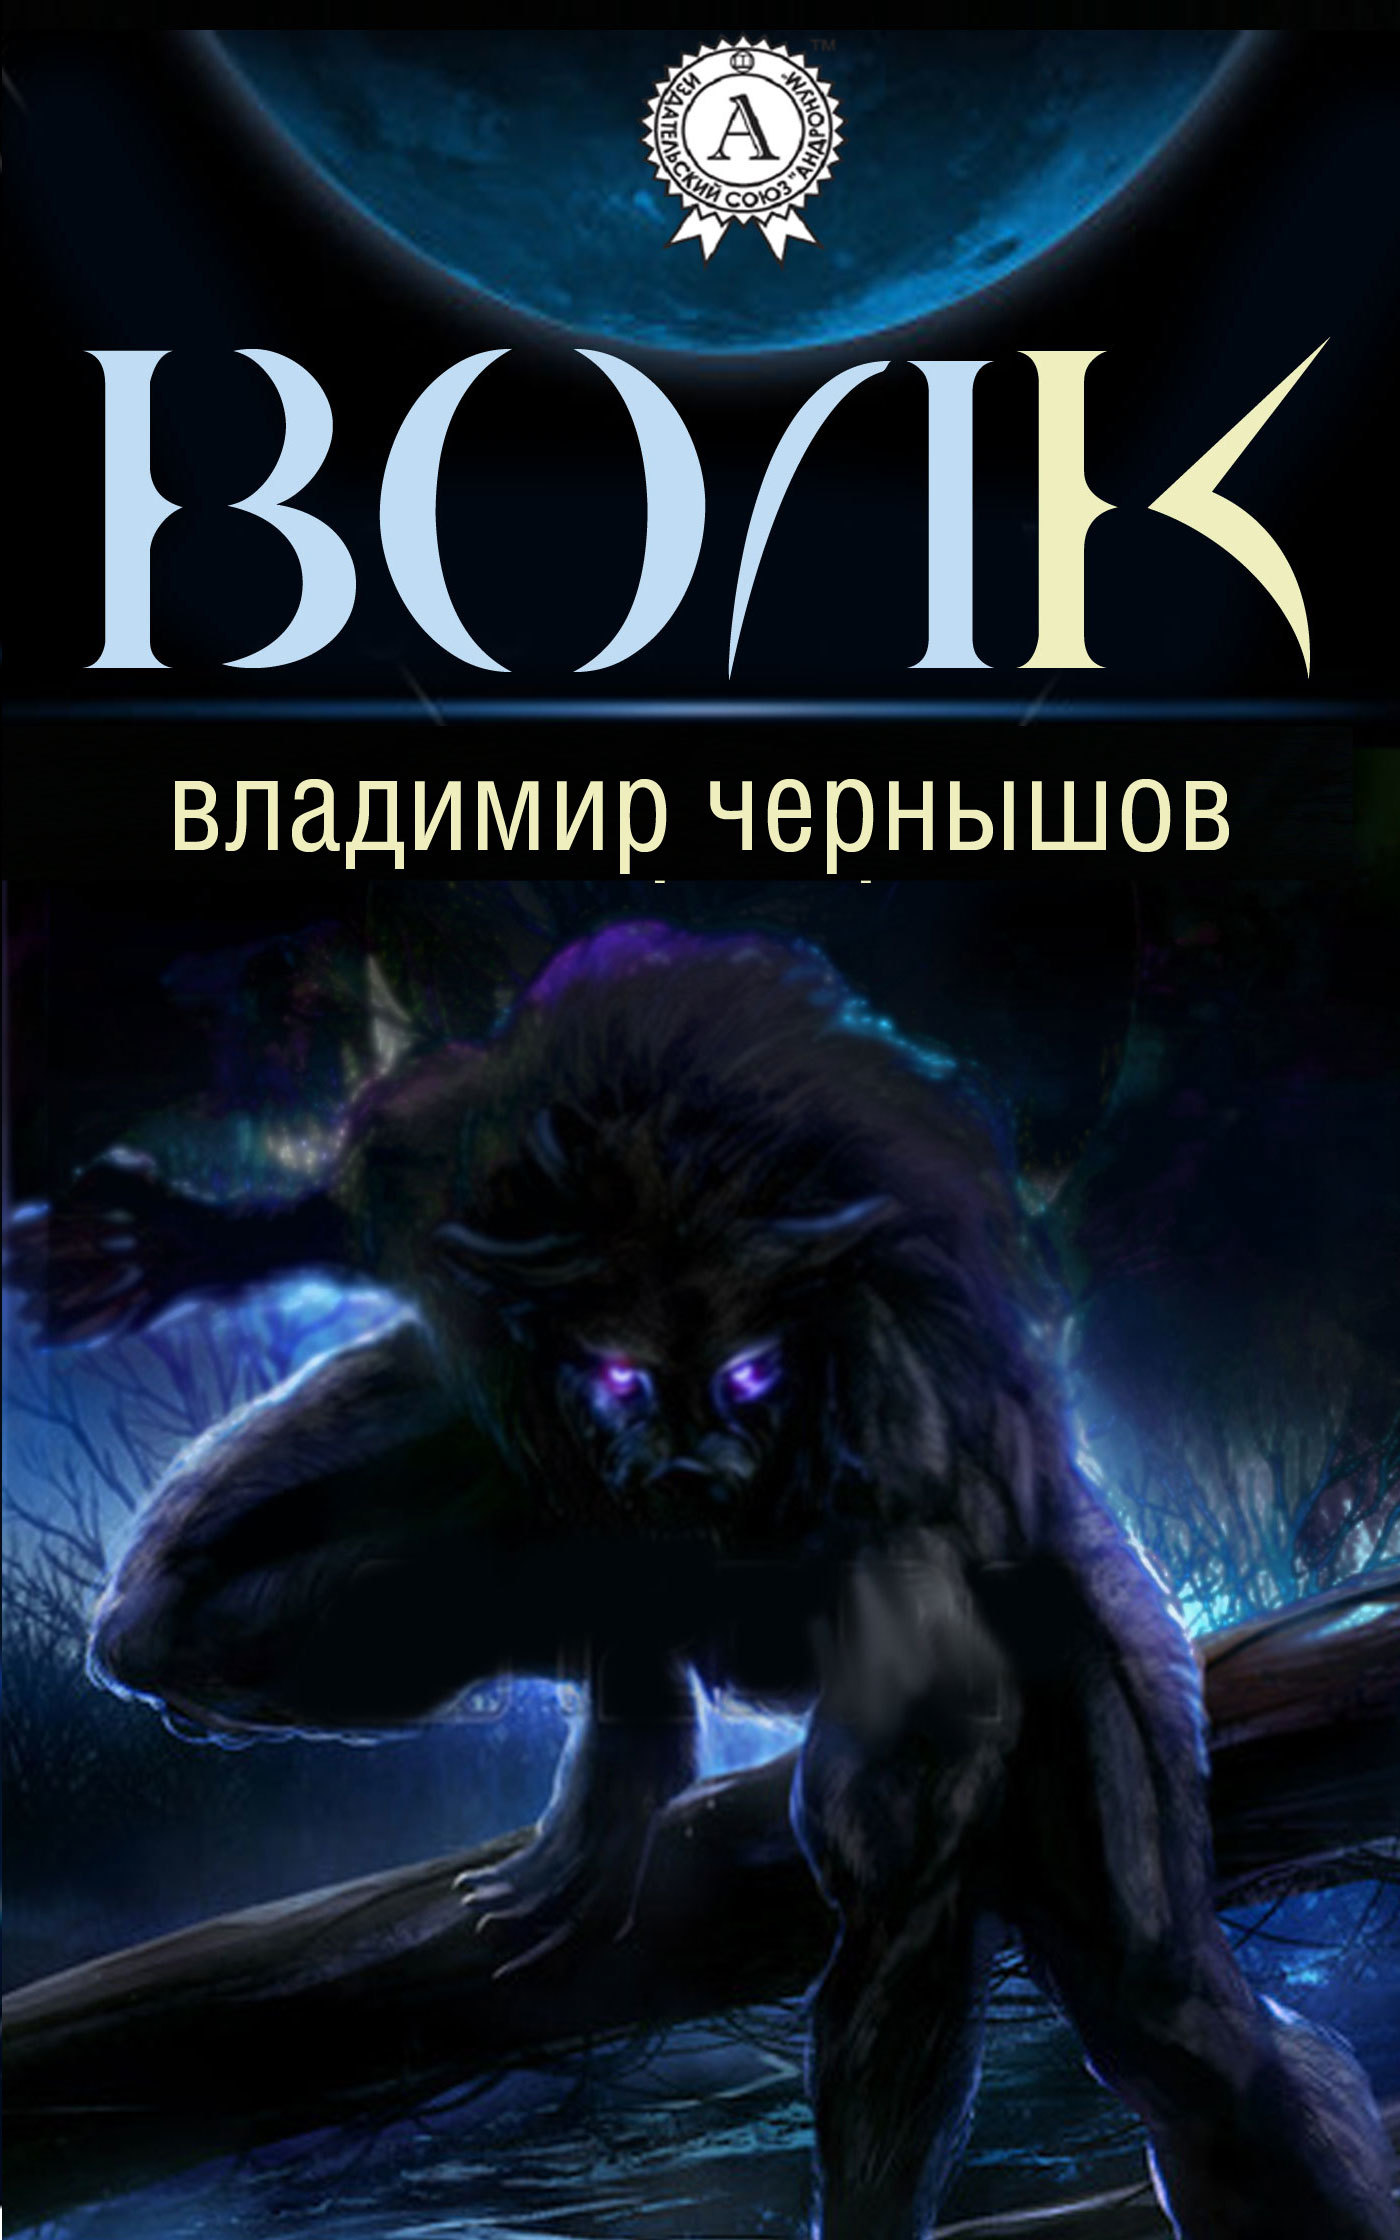 Владимир Чернышов - Волк